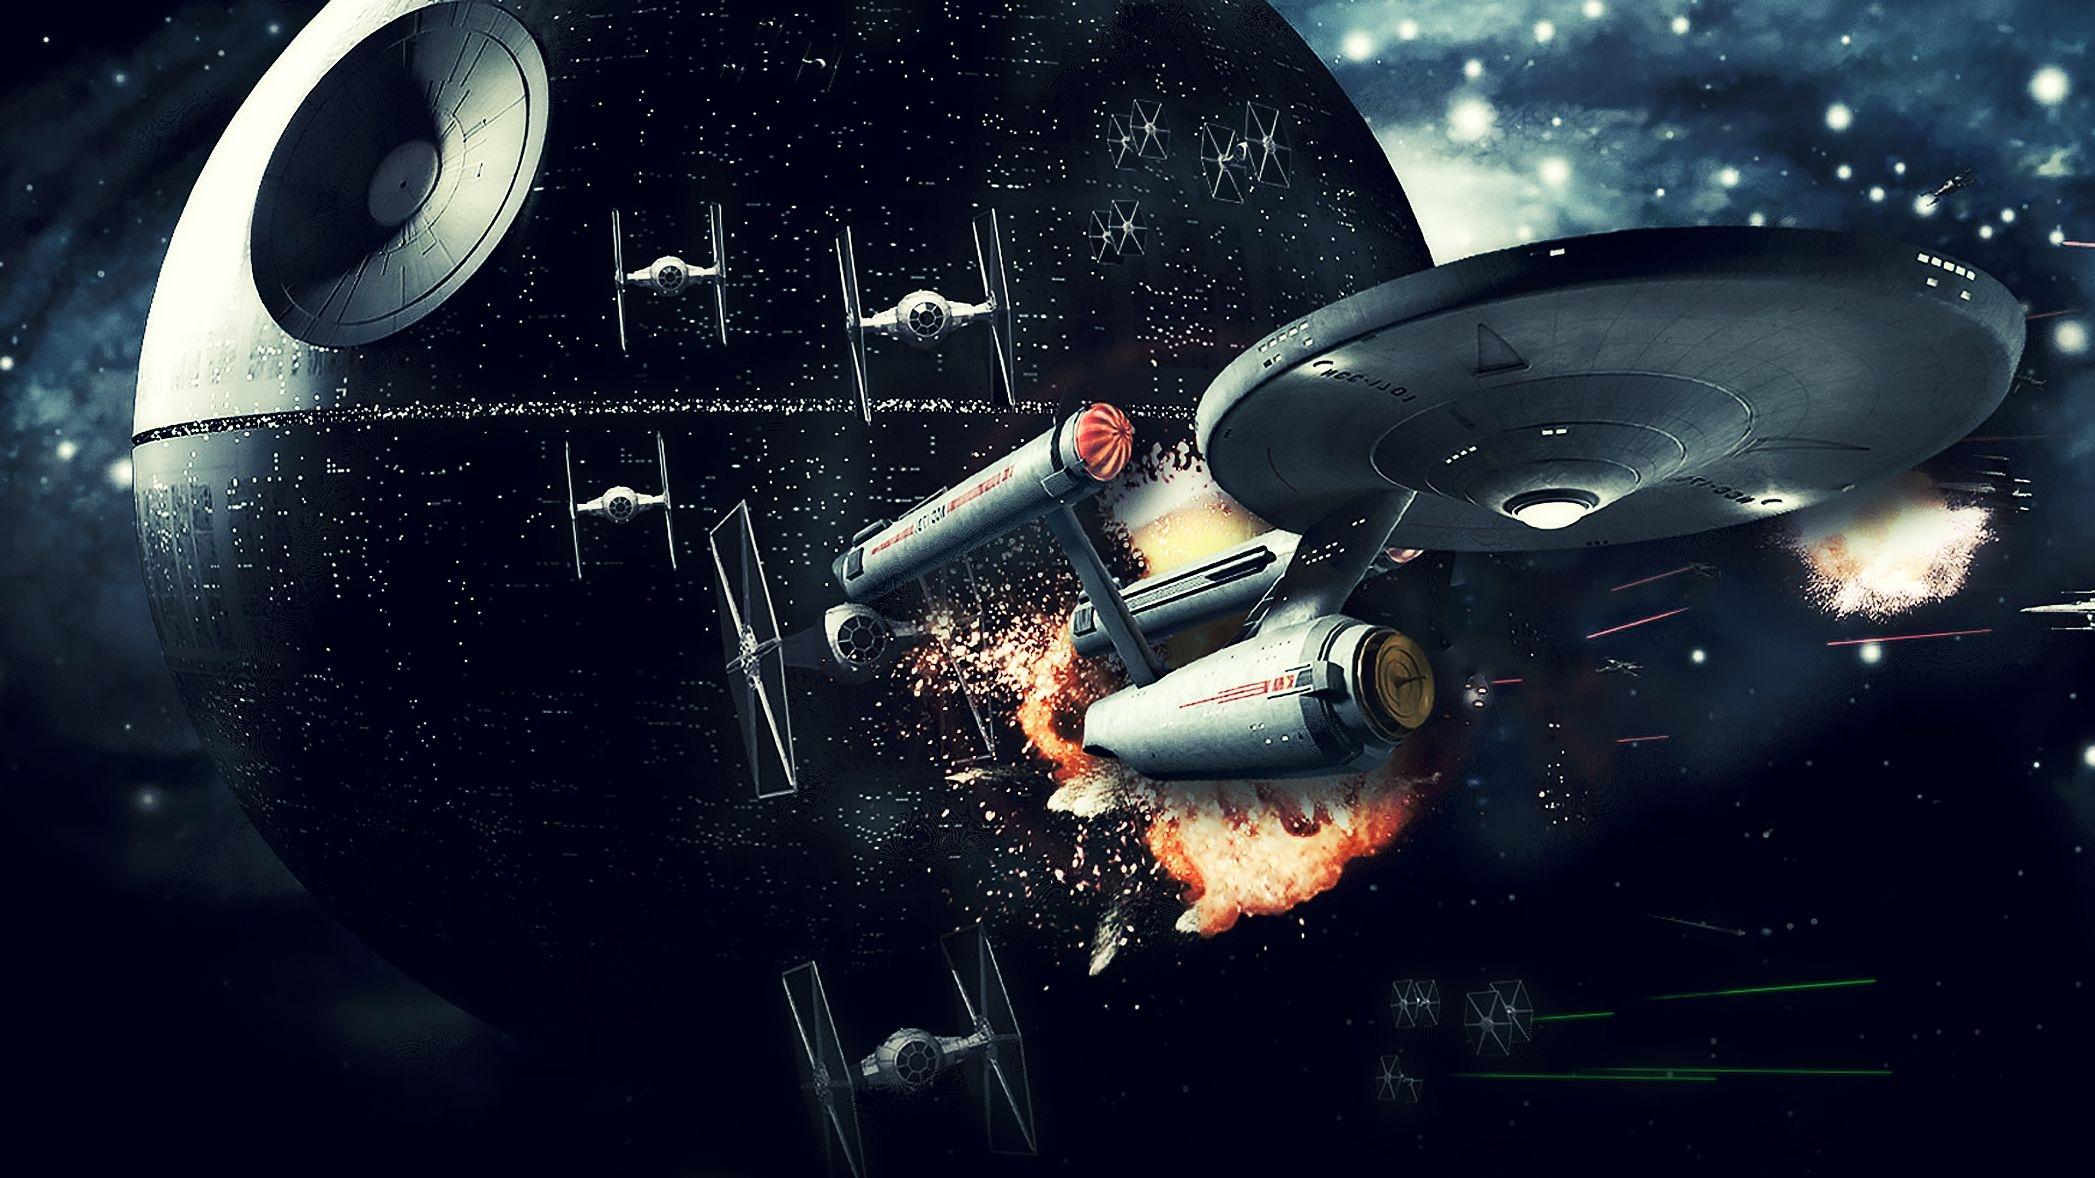 636315984856172932-1833981989_58429_star_trek_mashup_star_wars_vs_start_rek.jpg